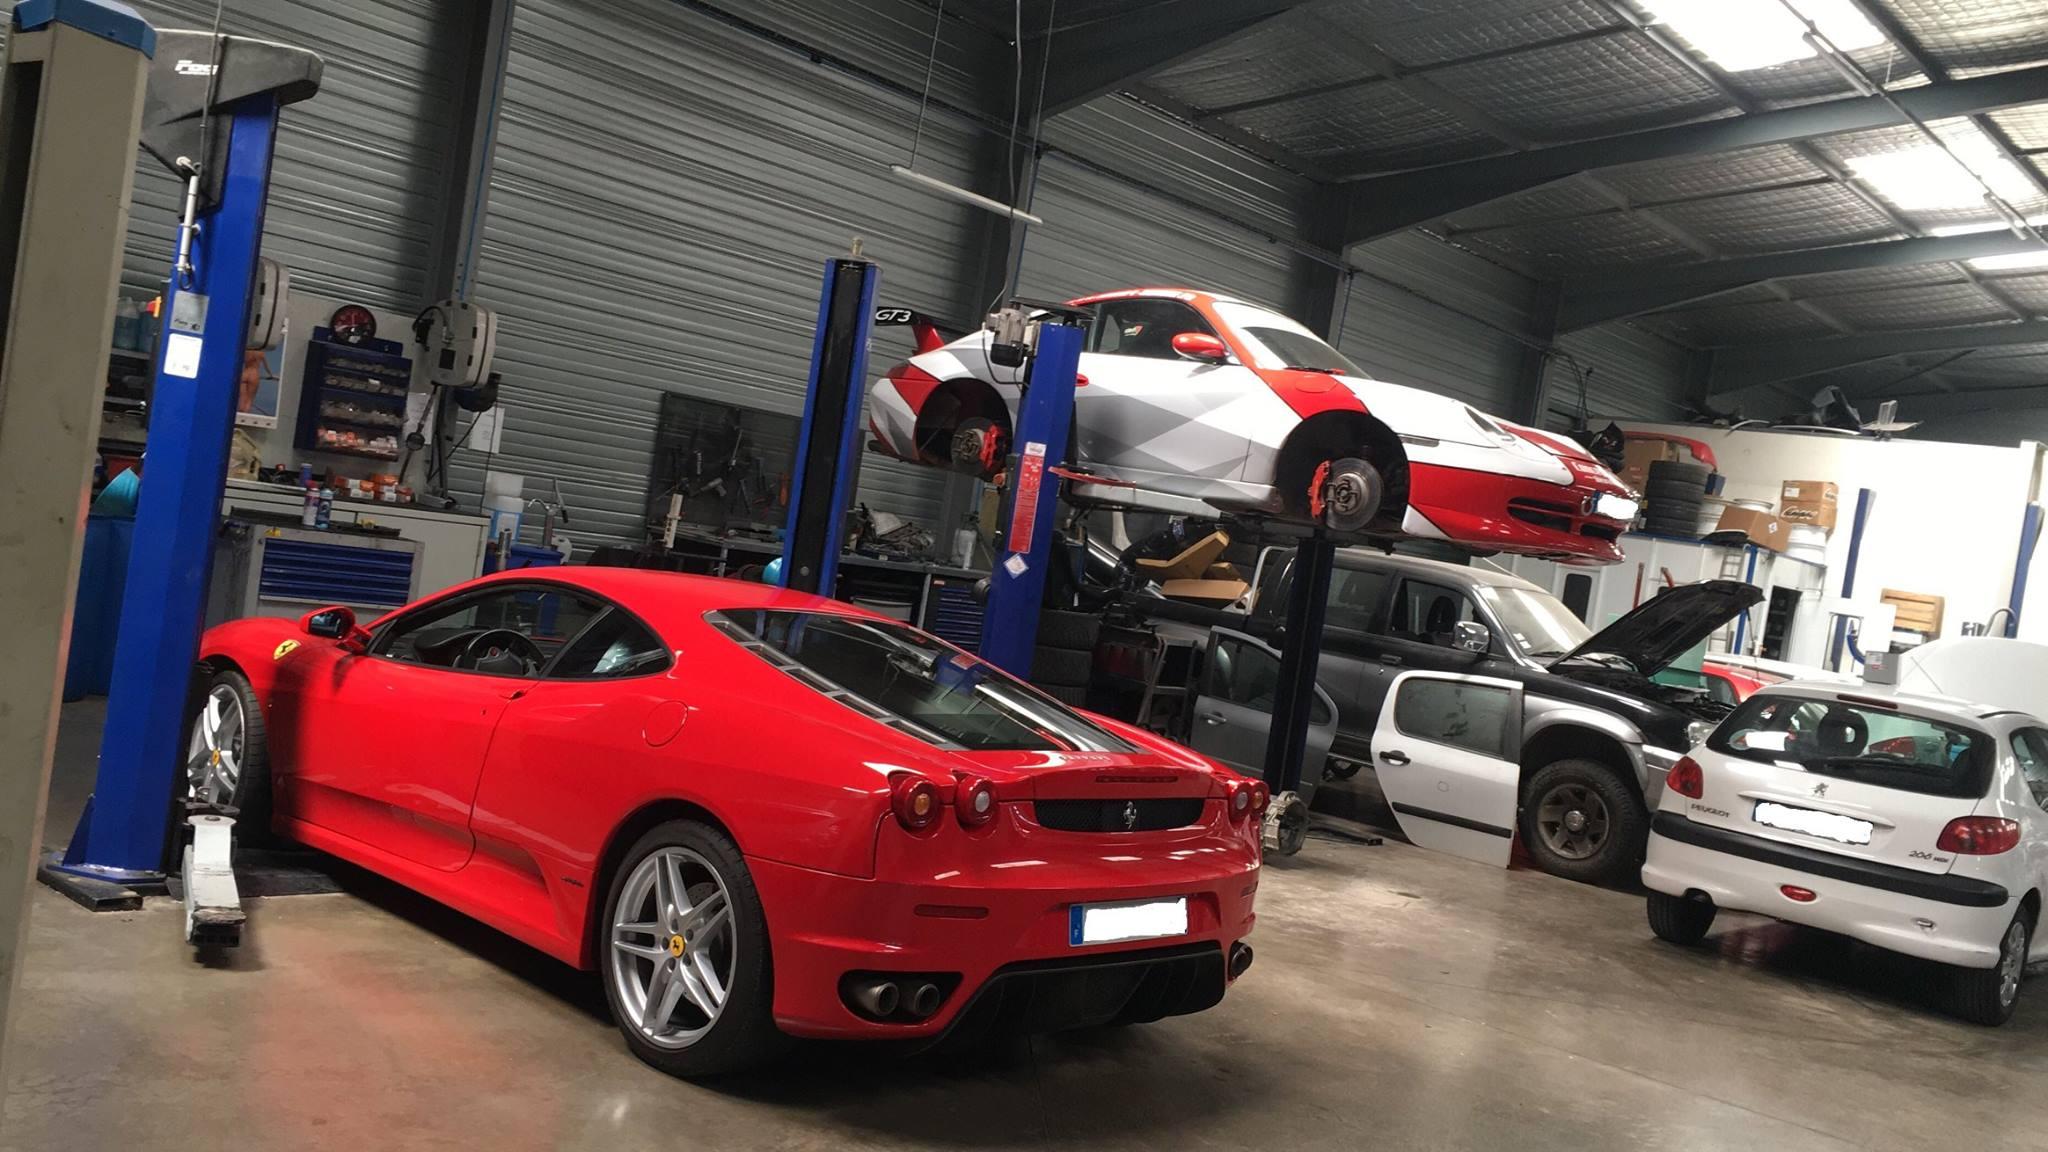 mg automobile mécanique voiture sport